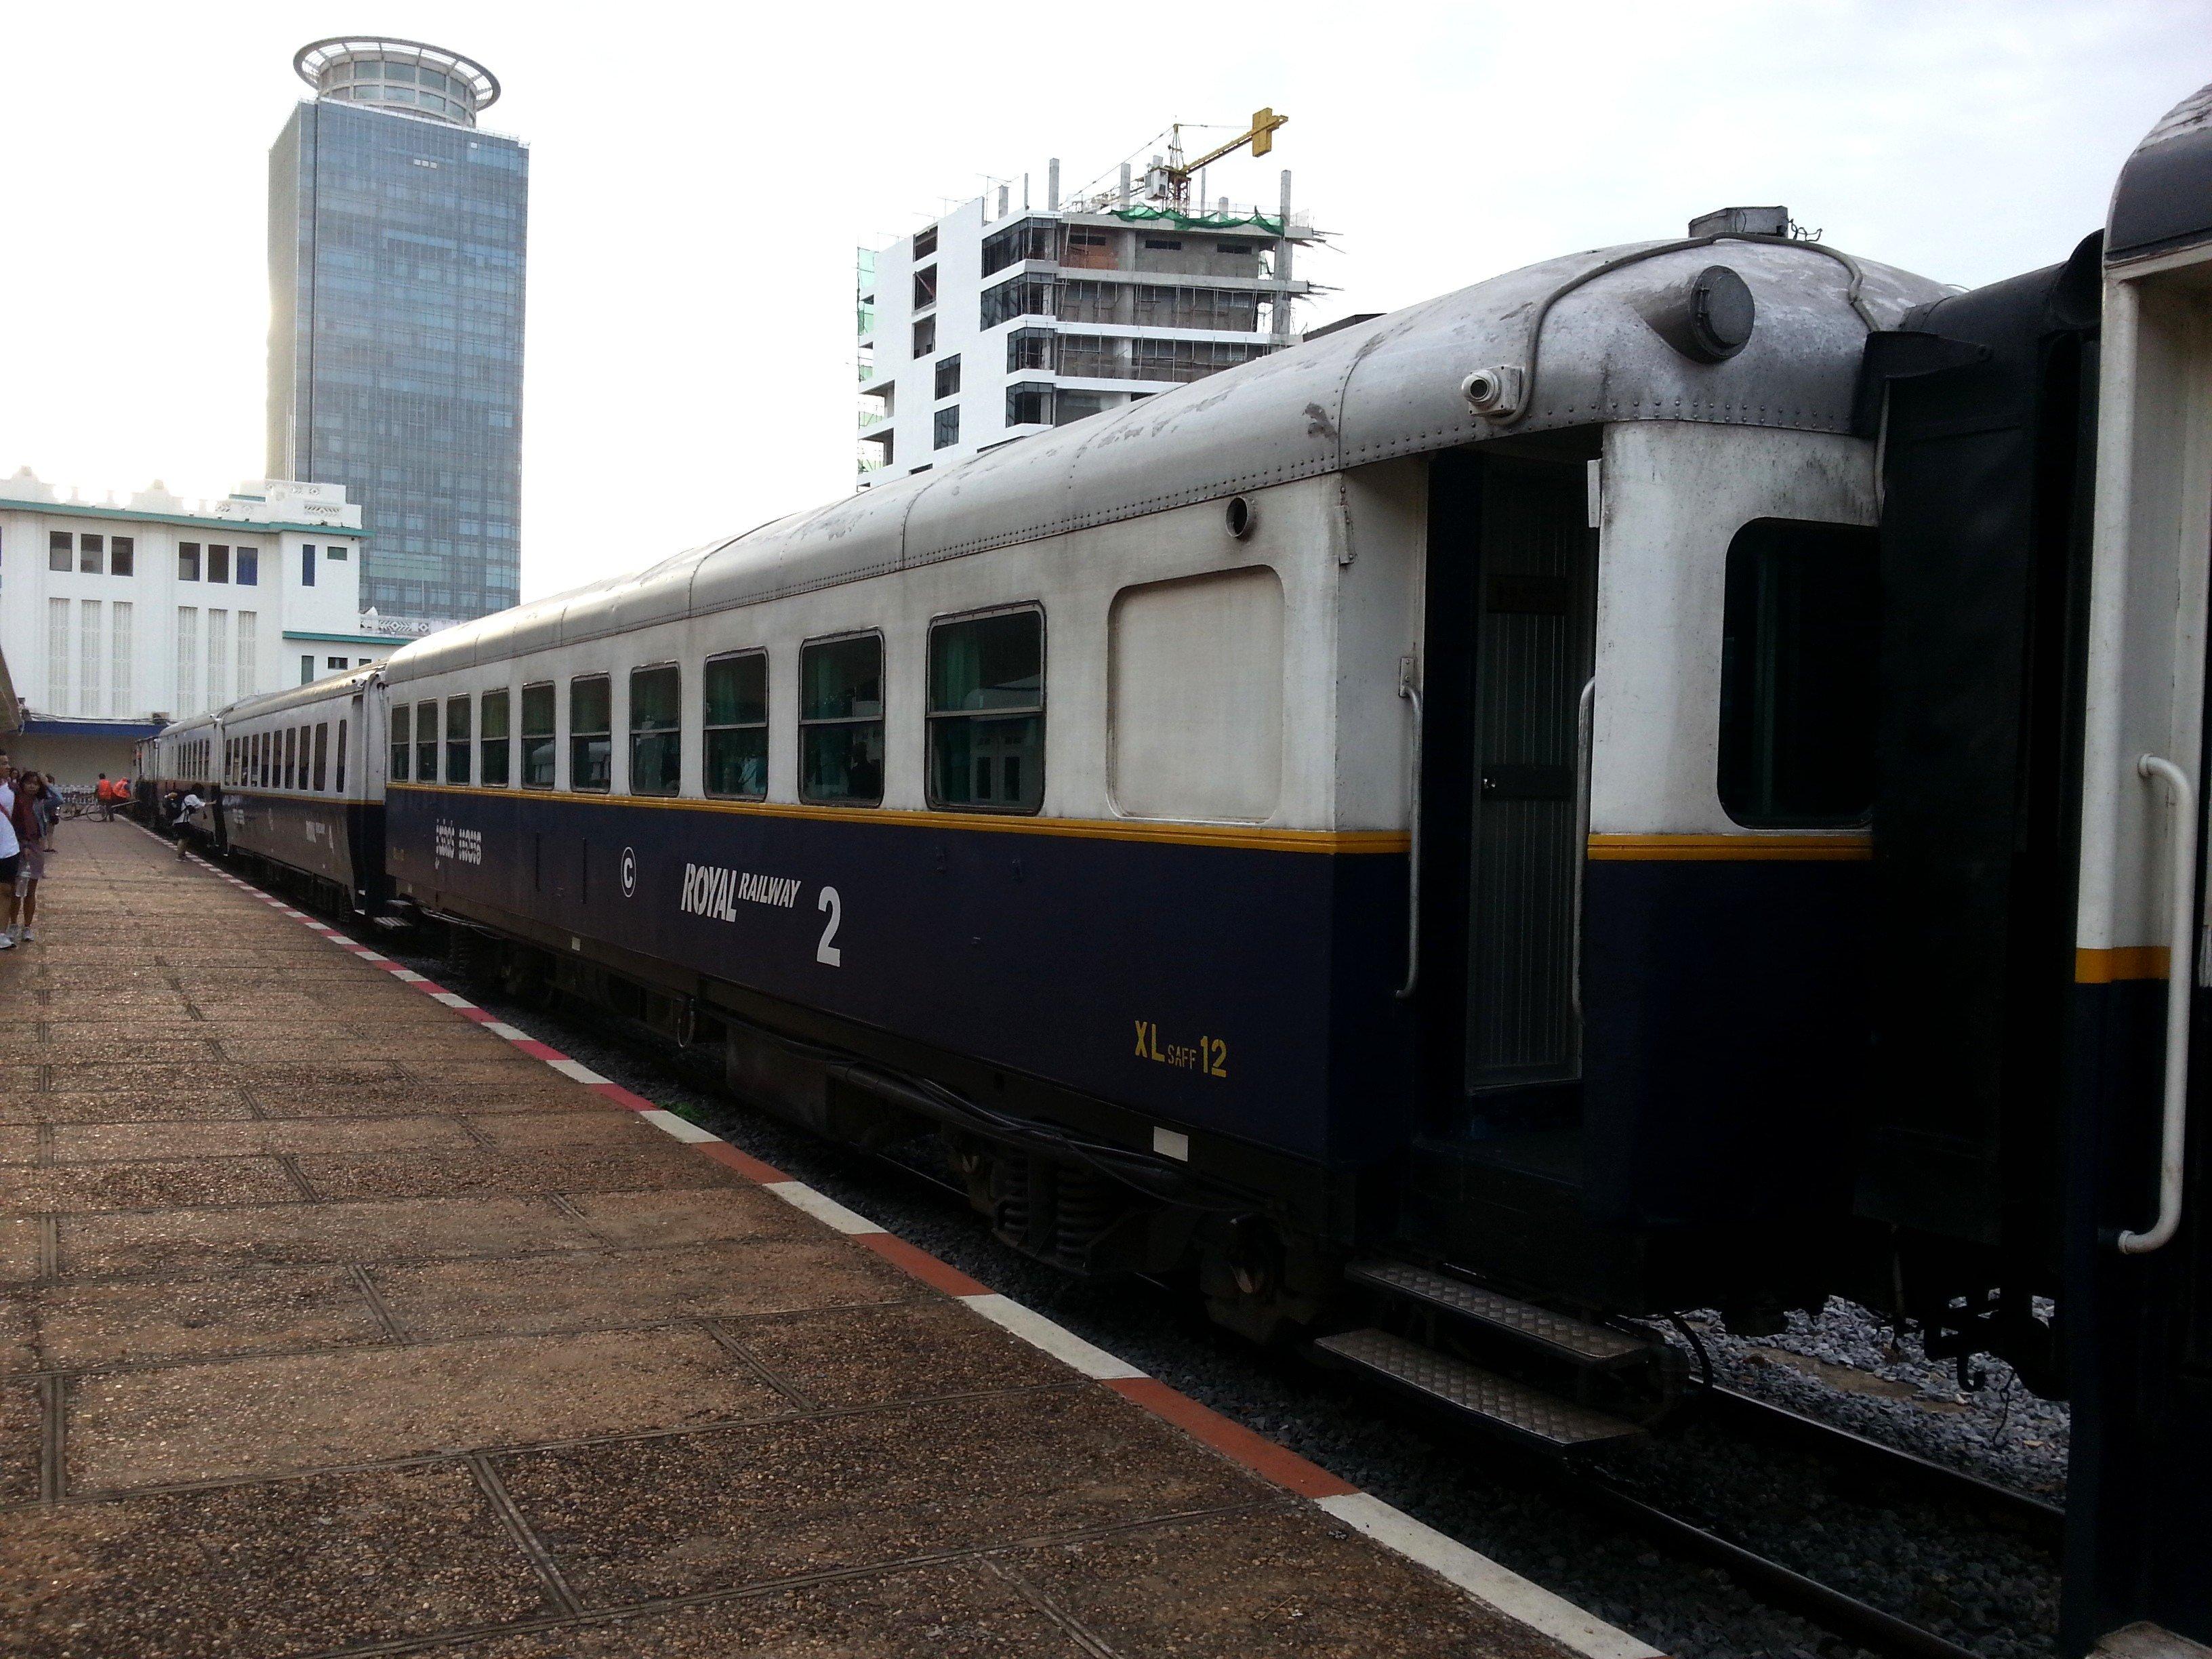 Cambodia train in Phnom Penh Station